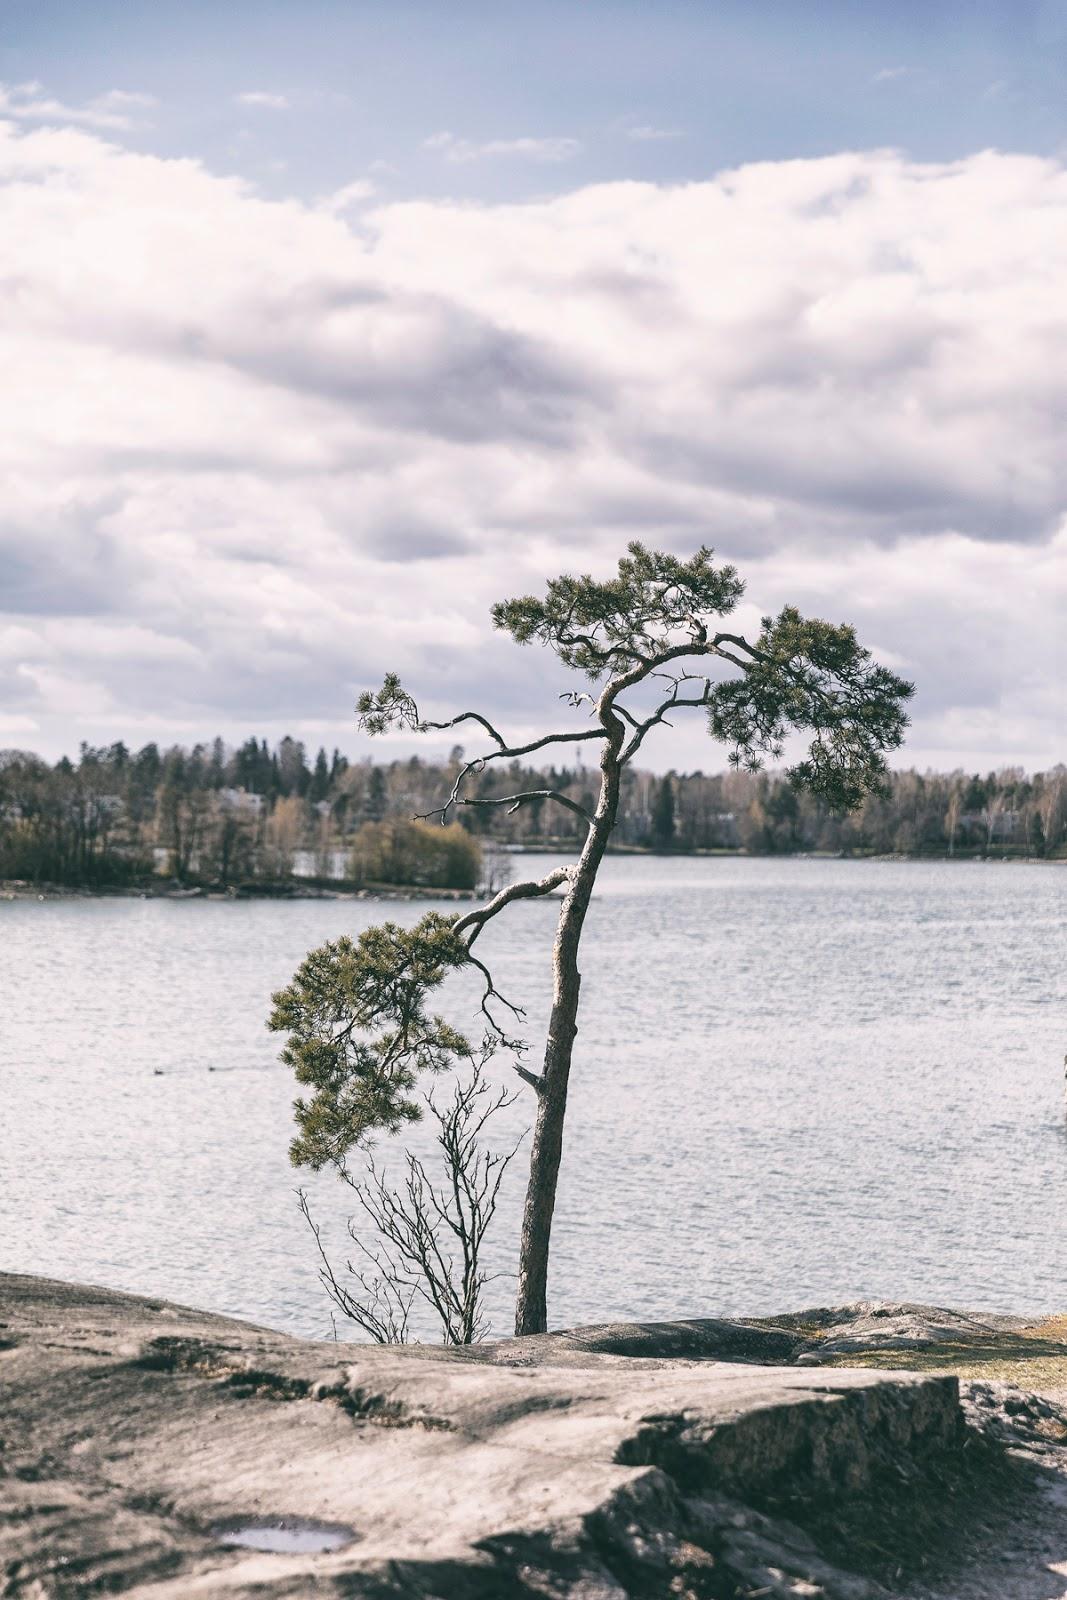 Helsinki, visithelsinki, Seurasaari, Fölisön, Myhelsinki, experience, Suomi, Finland, luonto, nature, outdoors, luontovalokuva, valokuvaus, valokuvaaminen, valokuvaaja, Frida Steiner, Visualaddict, visualaddictfrida, visitFinland, travel, matkailu, matkustus, mänty, pine, scenery